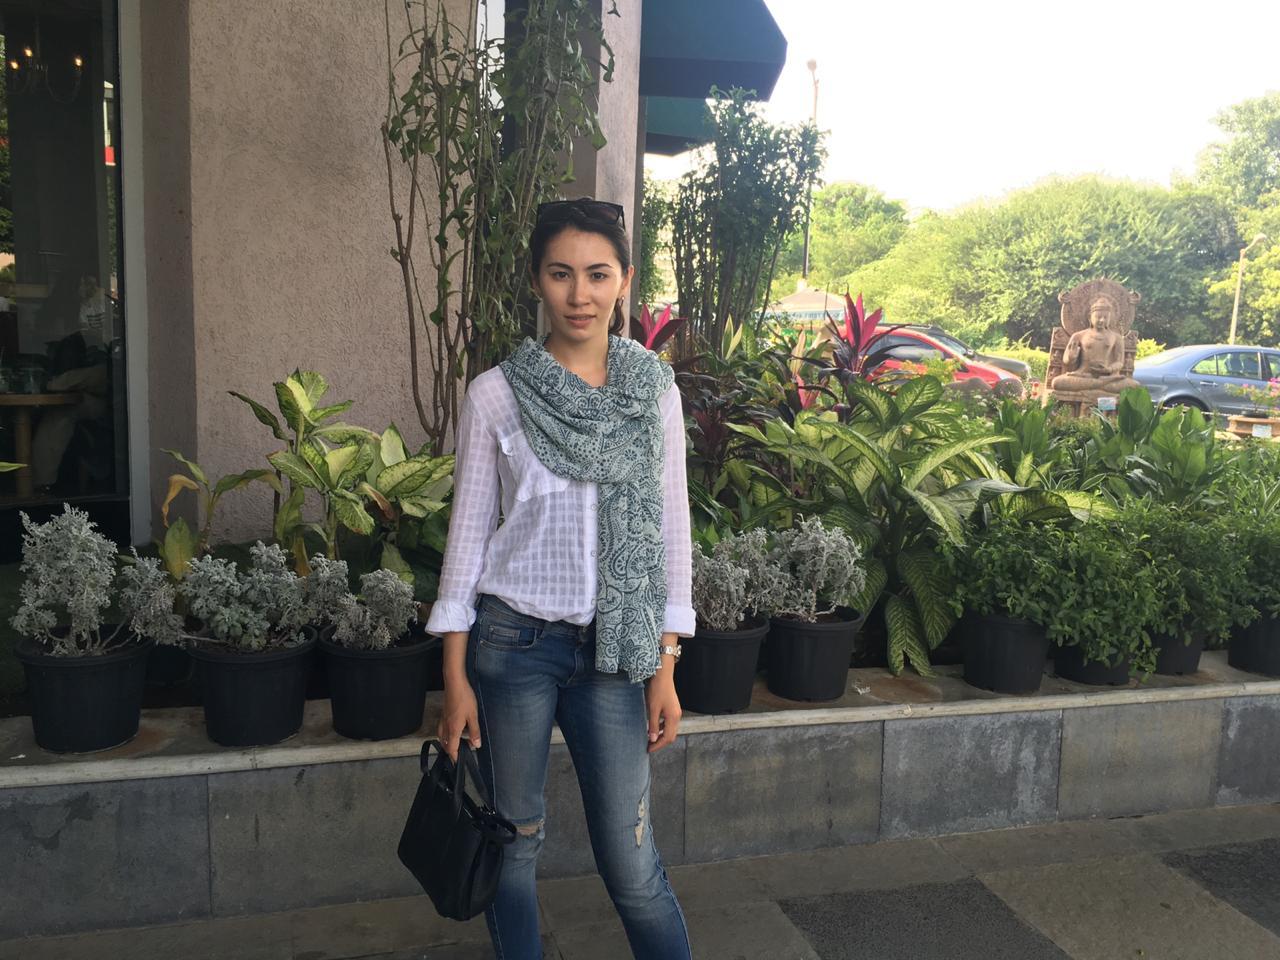 Aidana Holiday in India